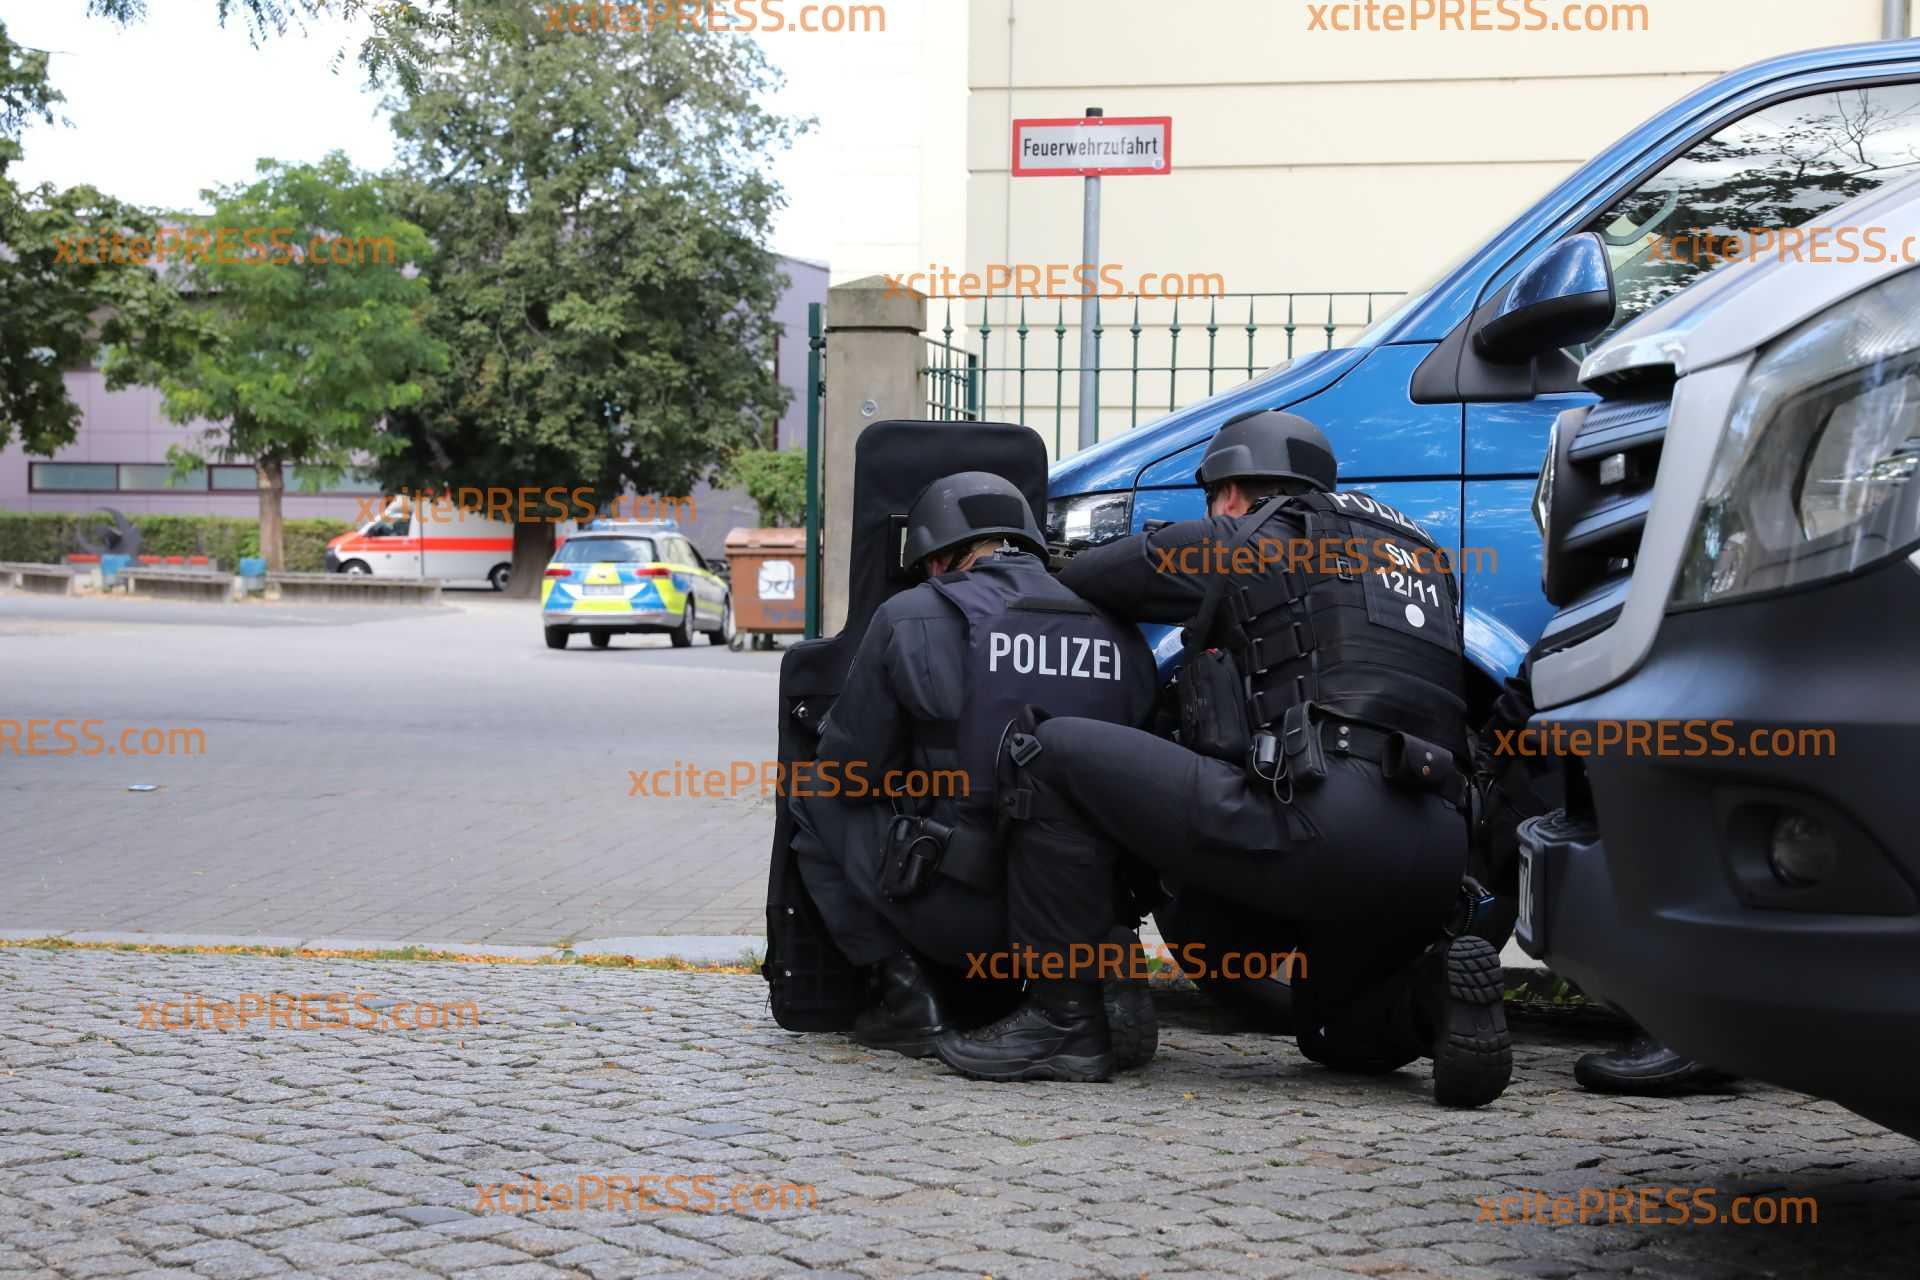 Ammoklauf an Oberschule - Polizei übt den Ernstfall: